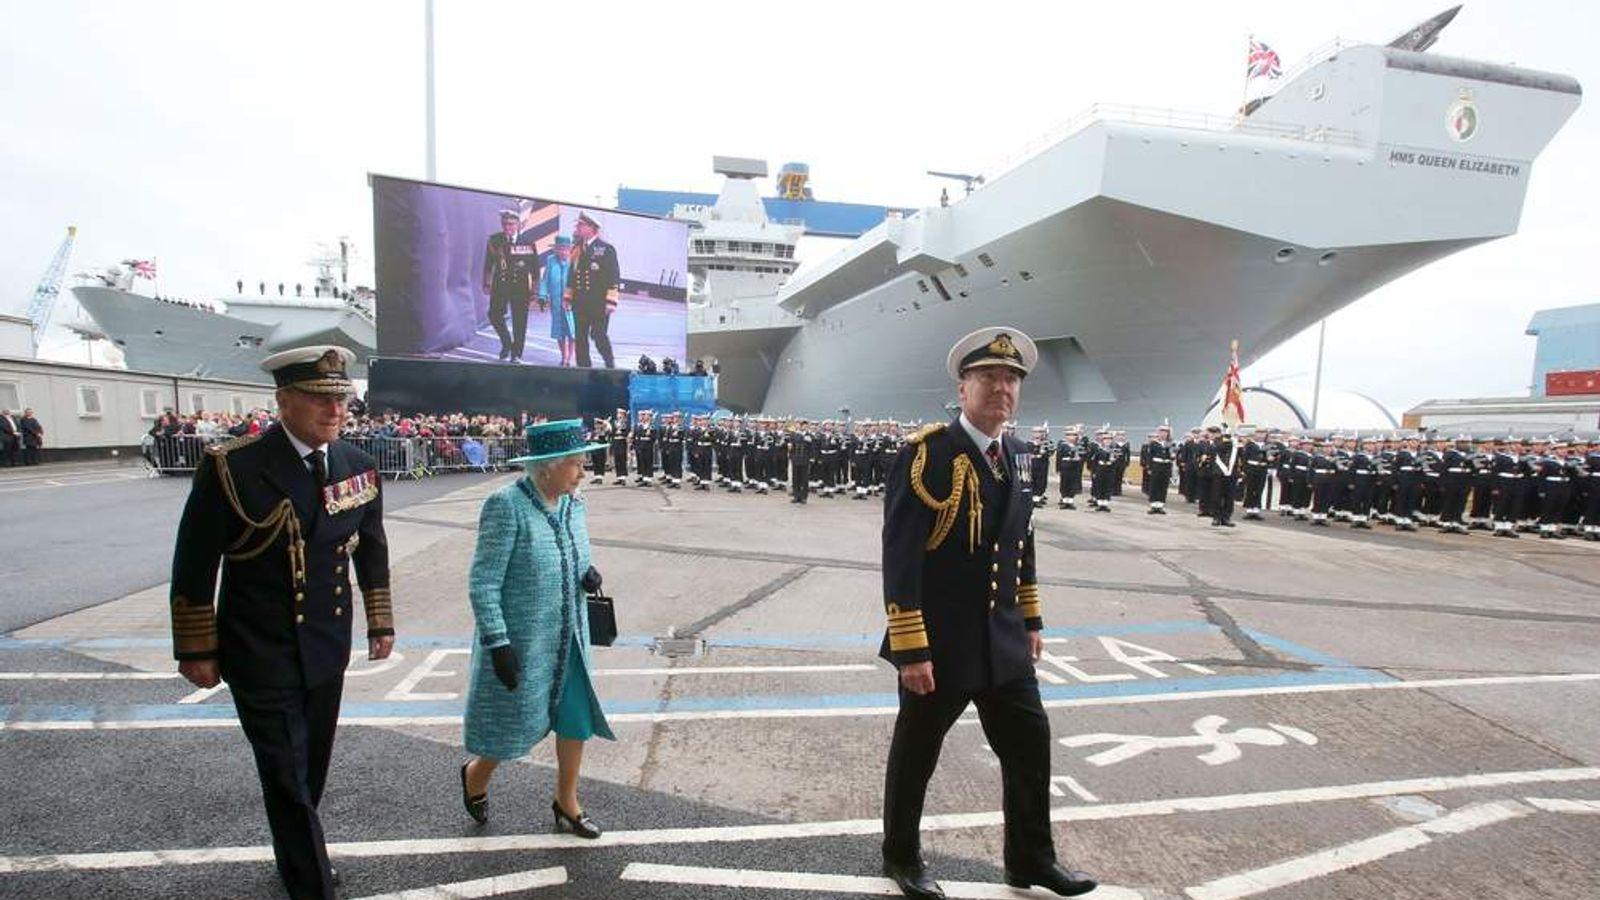 HMS Queen Elizabeth naming ceremony